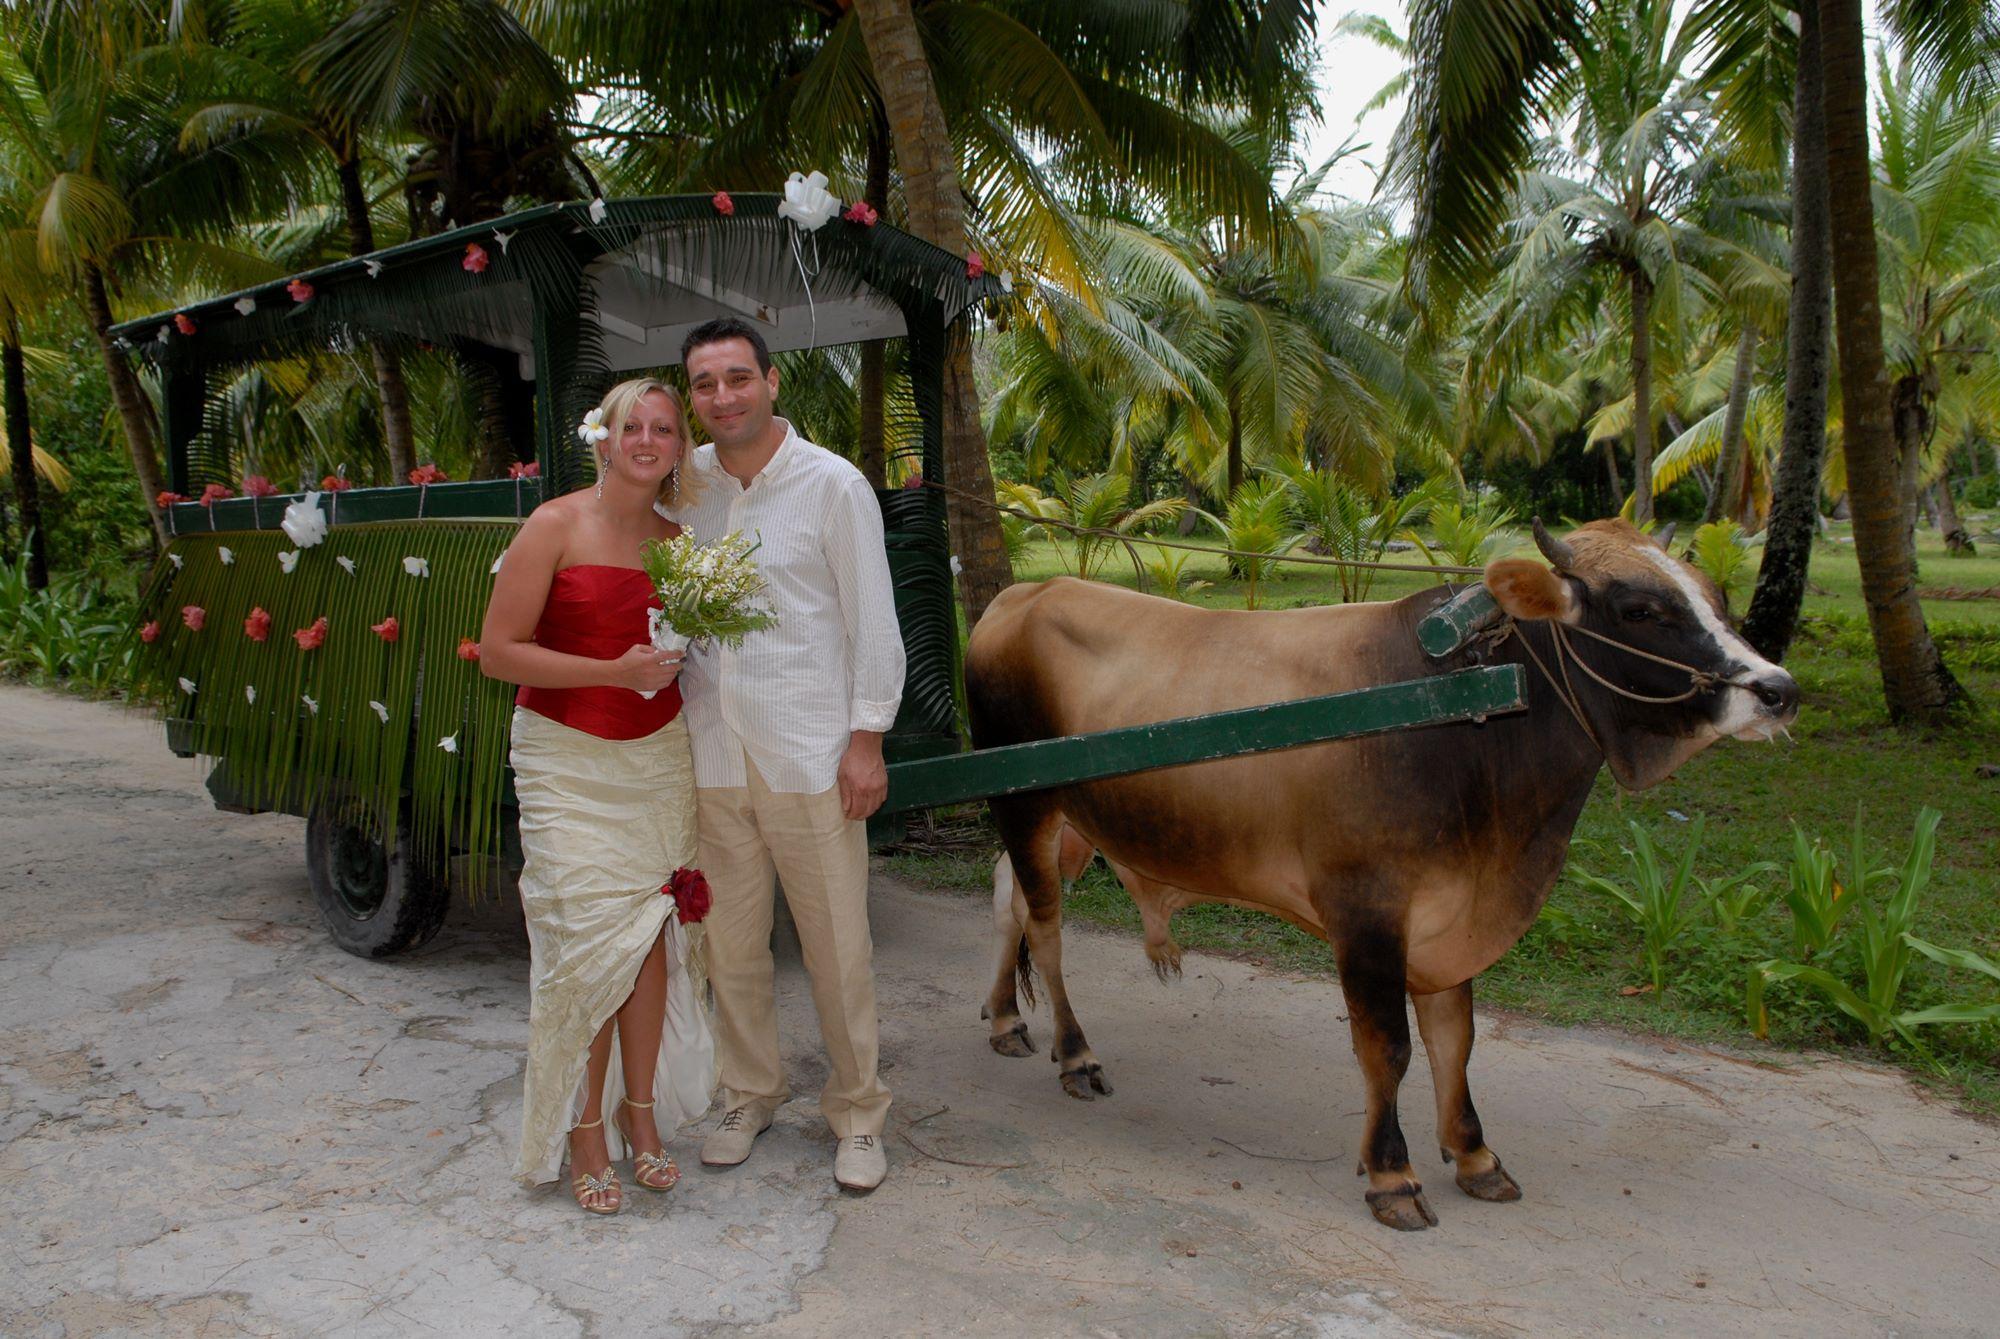 Matrimonio Simbolico Alle Seychelles : Matrimonio in libertà alle seychelles